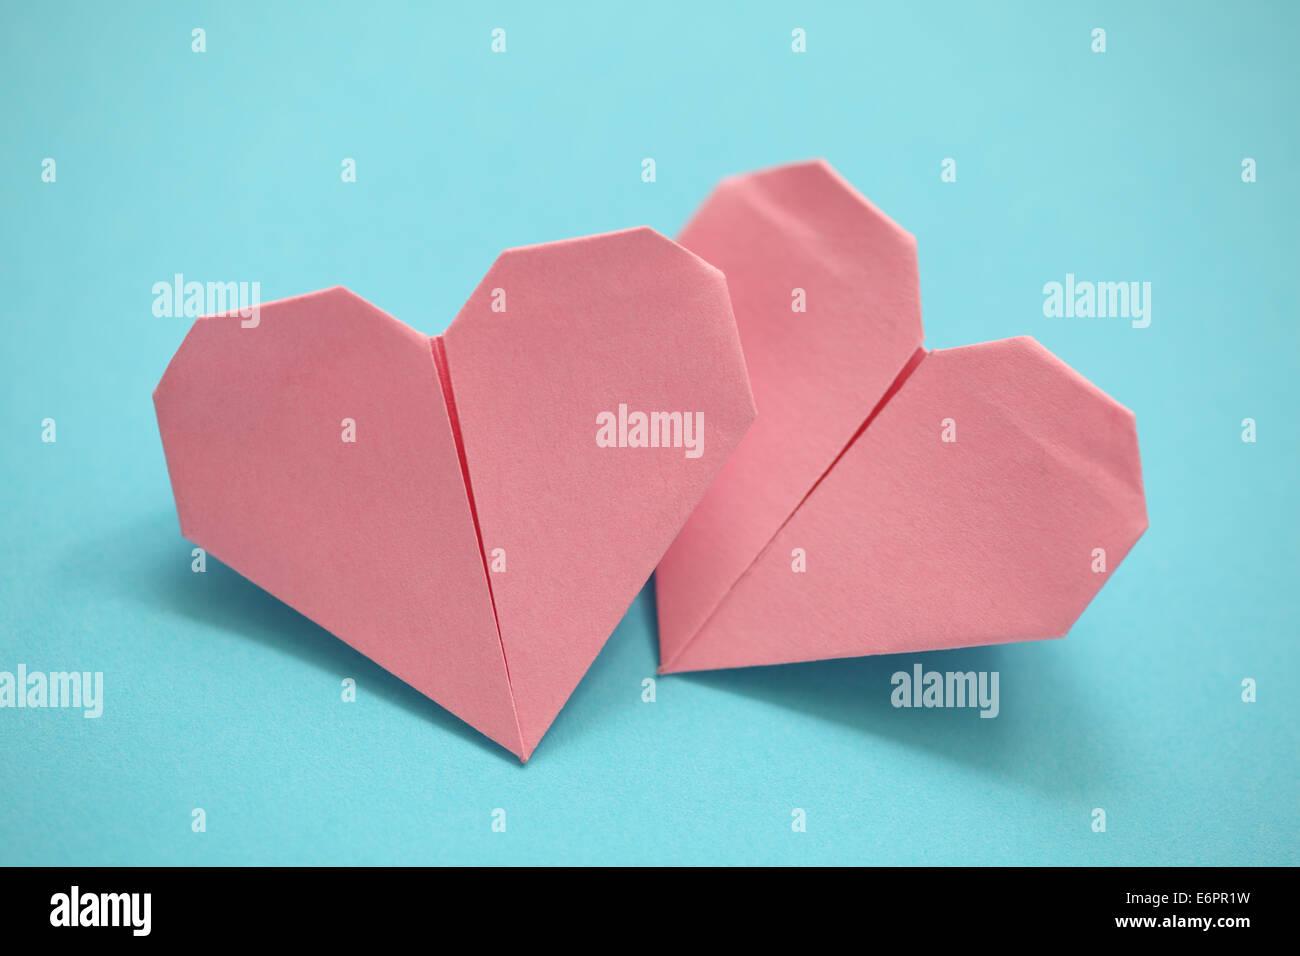 Zwei Origami-Herz auf blauem Hintergrund. Close-up. Stockbild